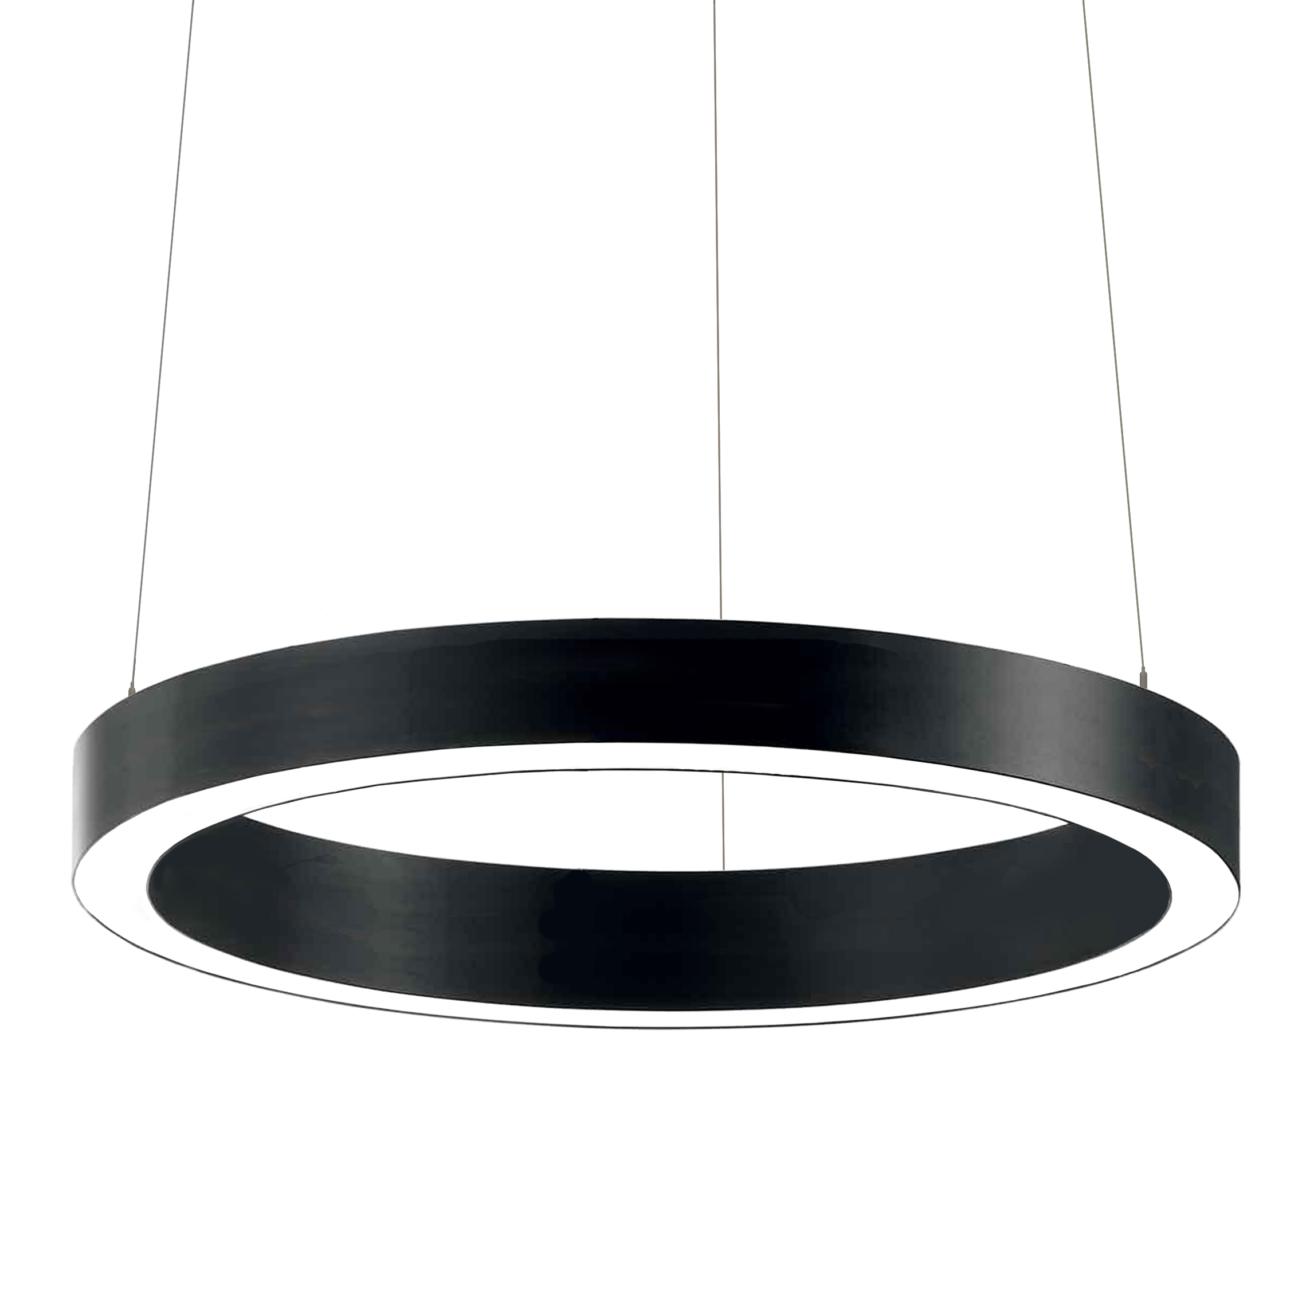 Светильник Ring 5060-1050мм. 4000К/3000К. 49W/103W купить в Санкт-Петербурге